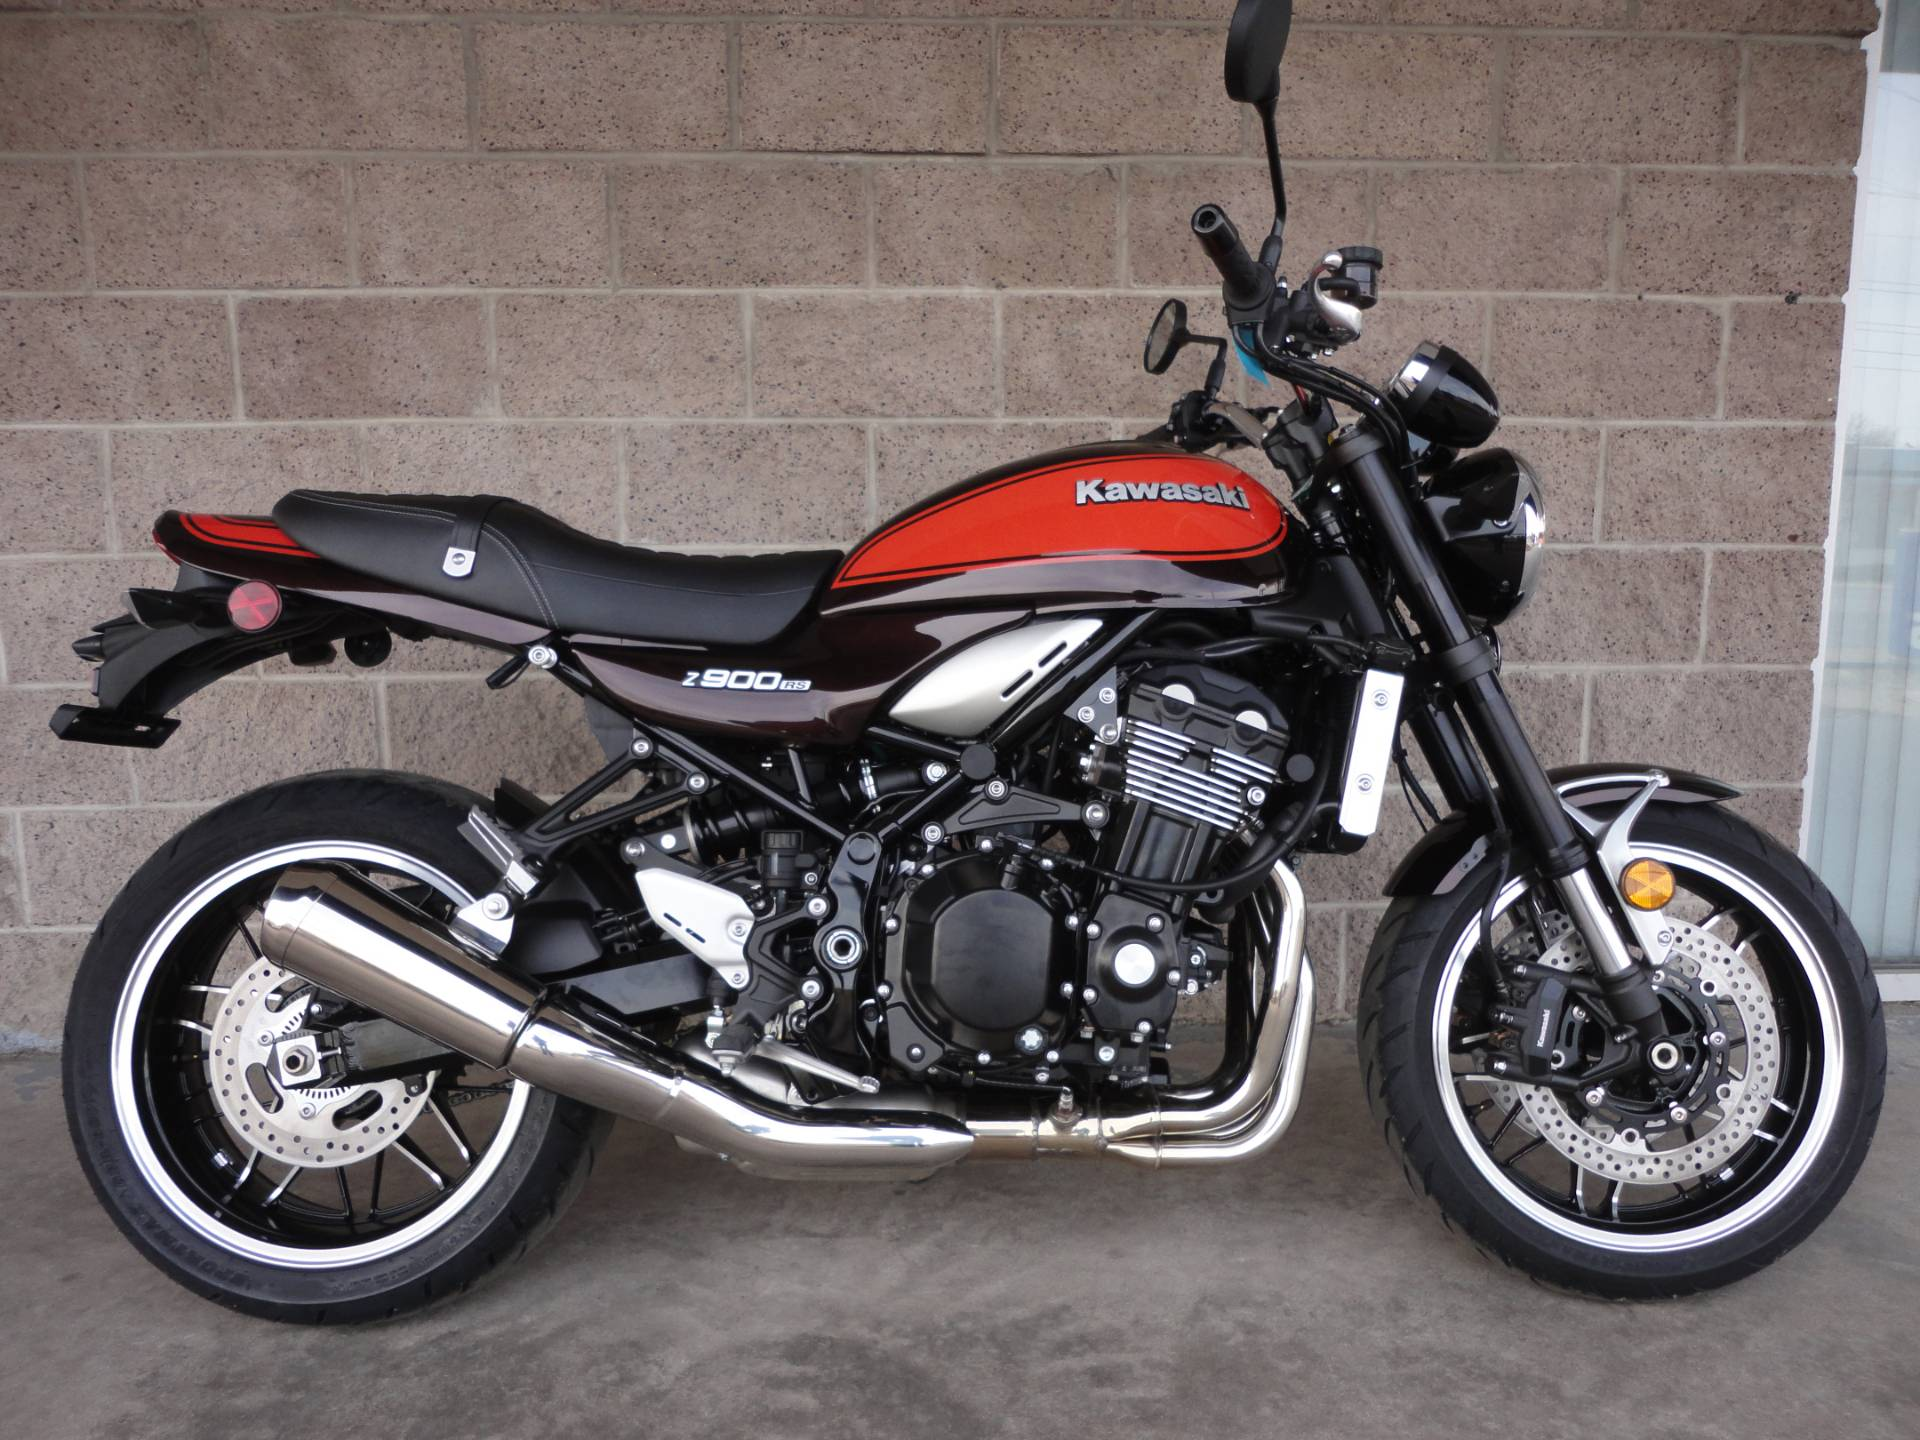 2018 Kawasaki Z900rs In Denver Colorado